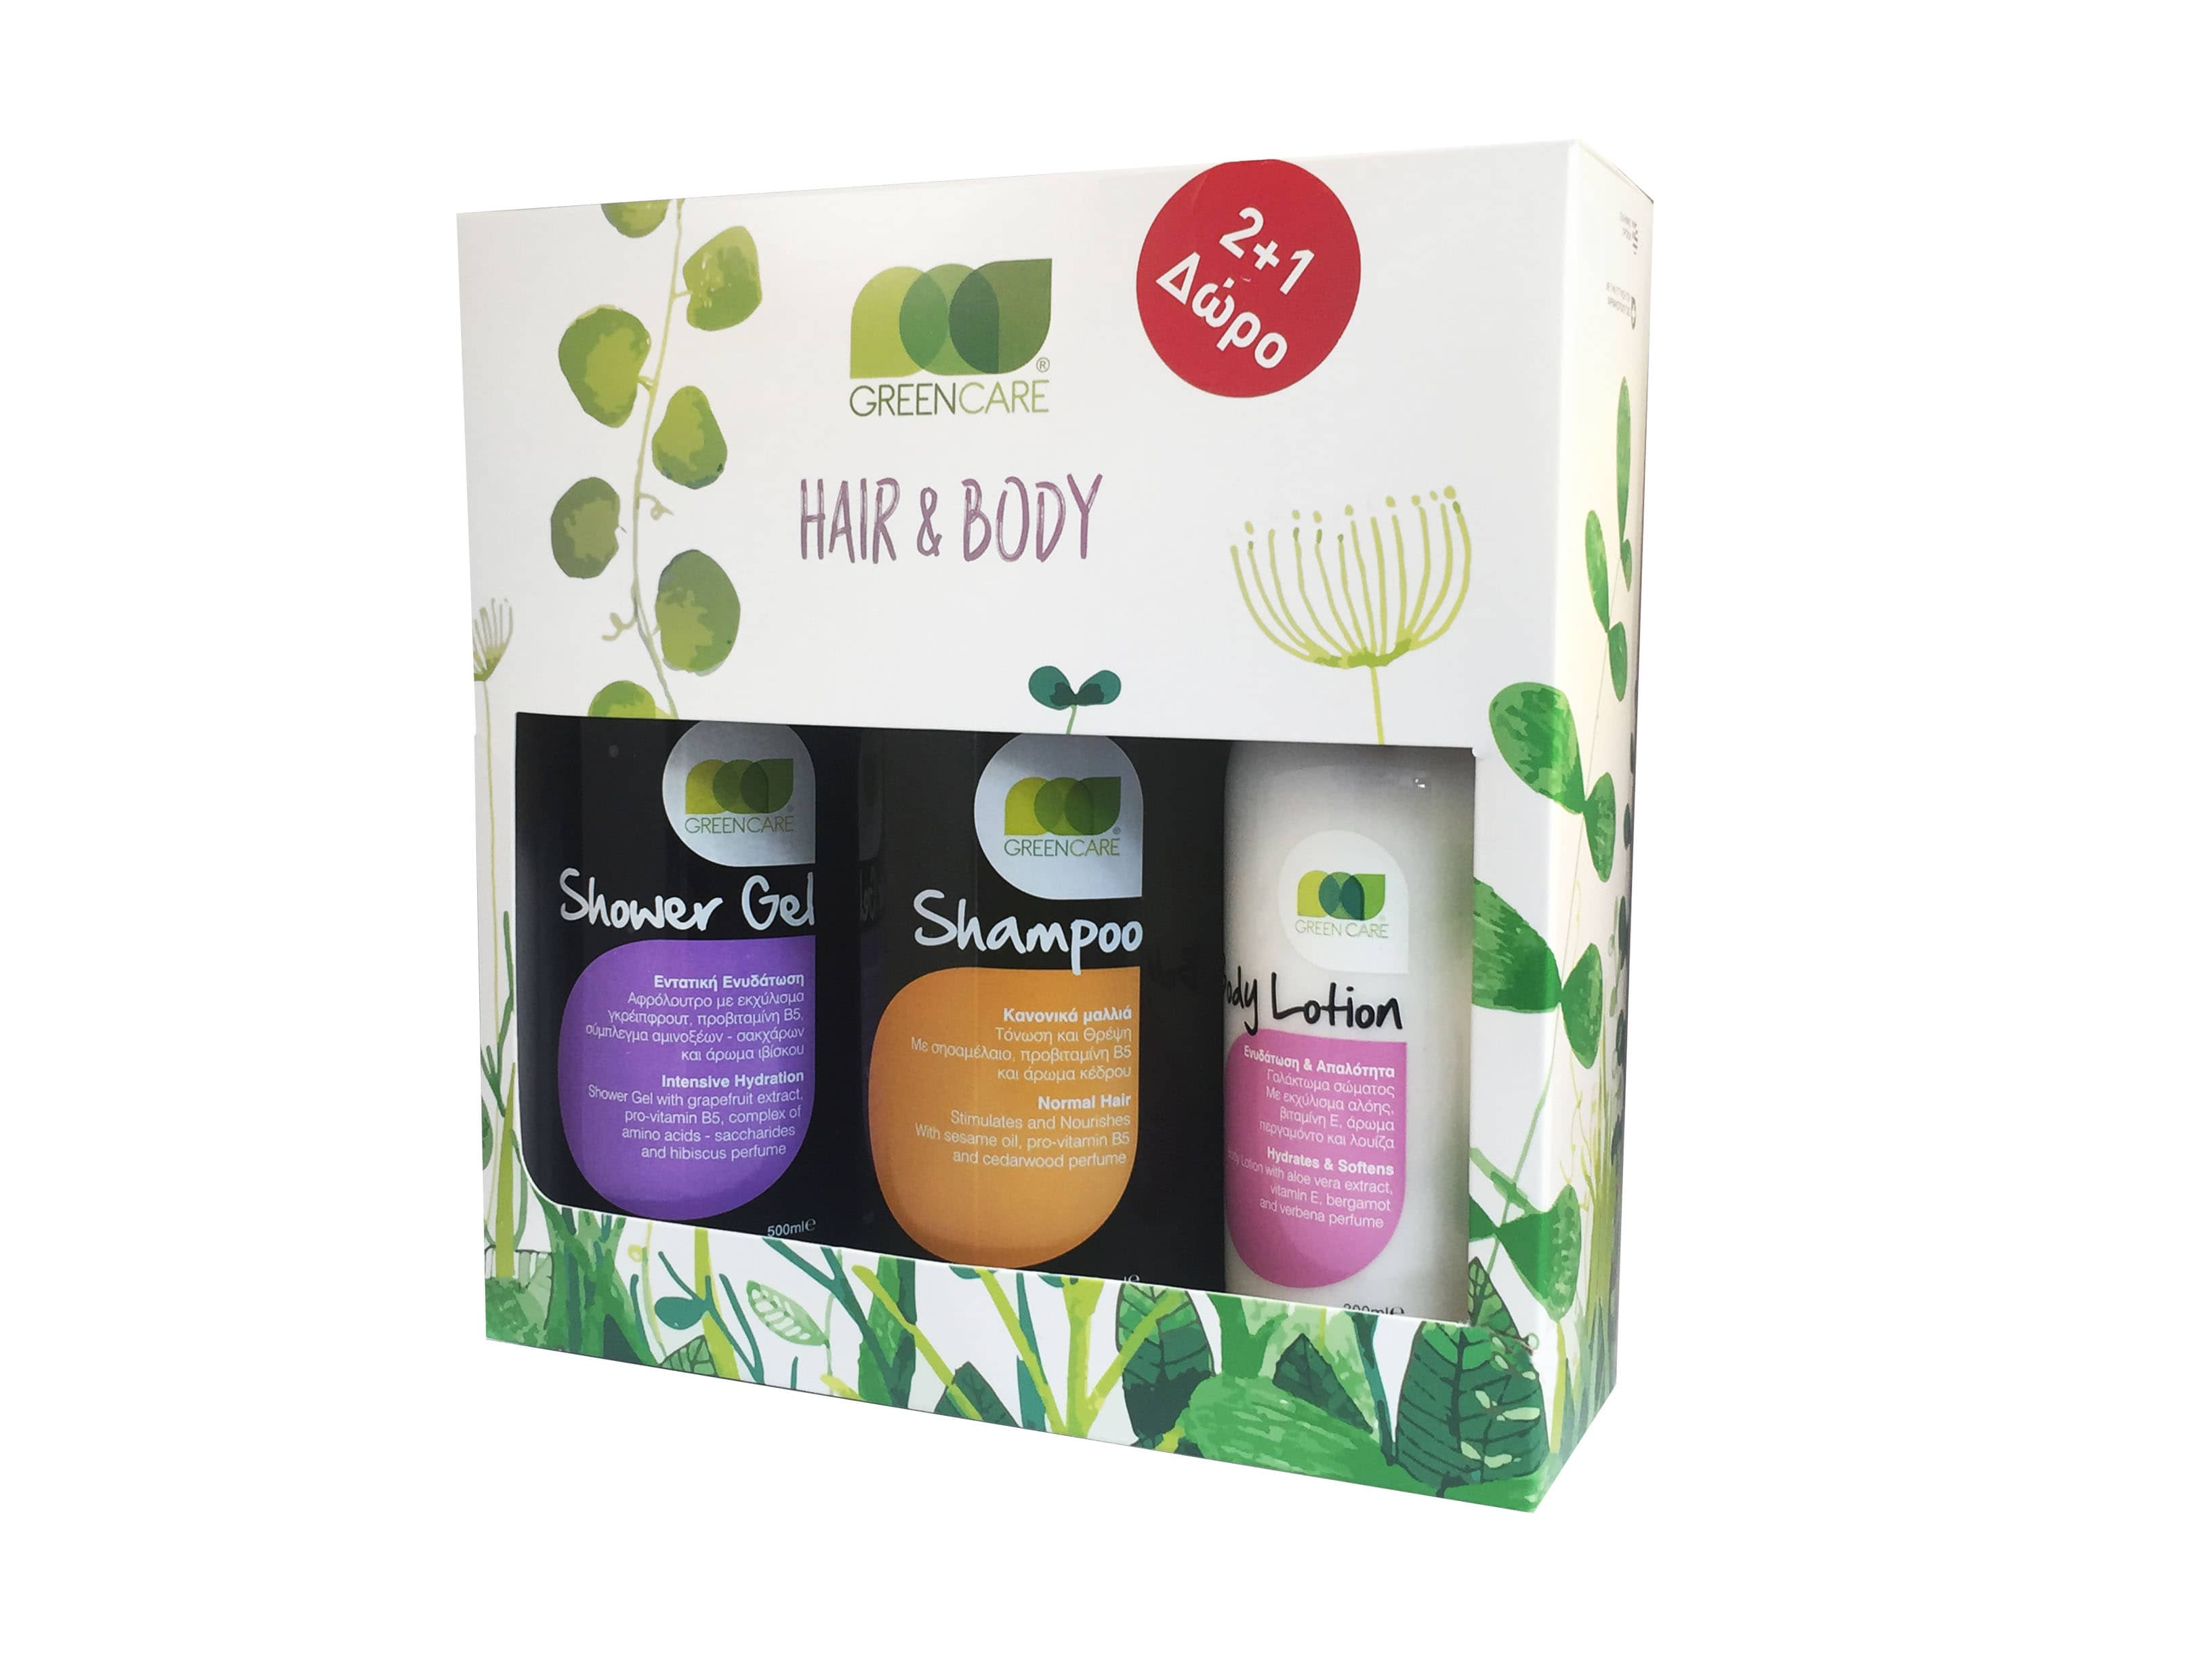 Green Care Σετ για Σώμα & Μαλλιά με Shampoo Normal Σαμπουάν για κανονικά μαλλιά, 500ml, Shower Gel Αφρόλουτρο, 500ml & ΔΩΡΟ Body Lotion Γαλάκτωμα Σώματος, 300ml